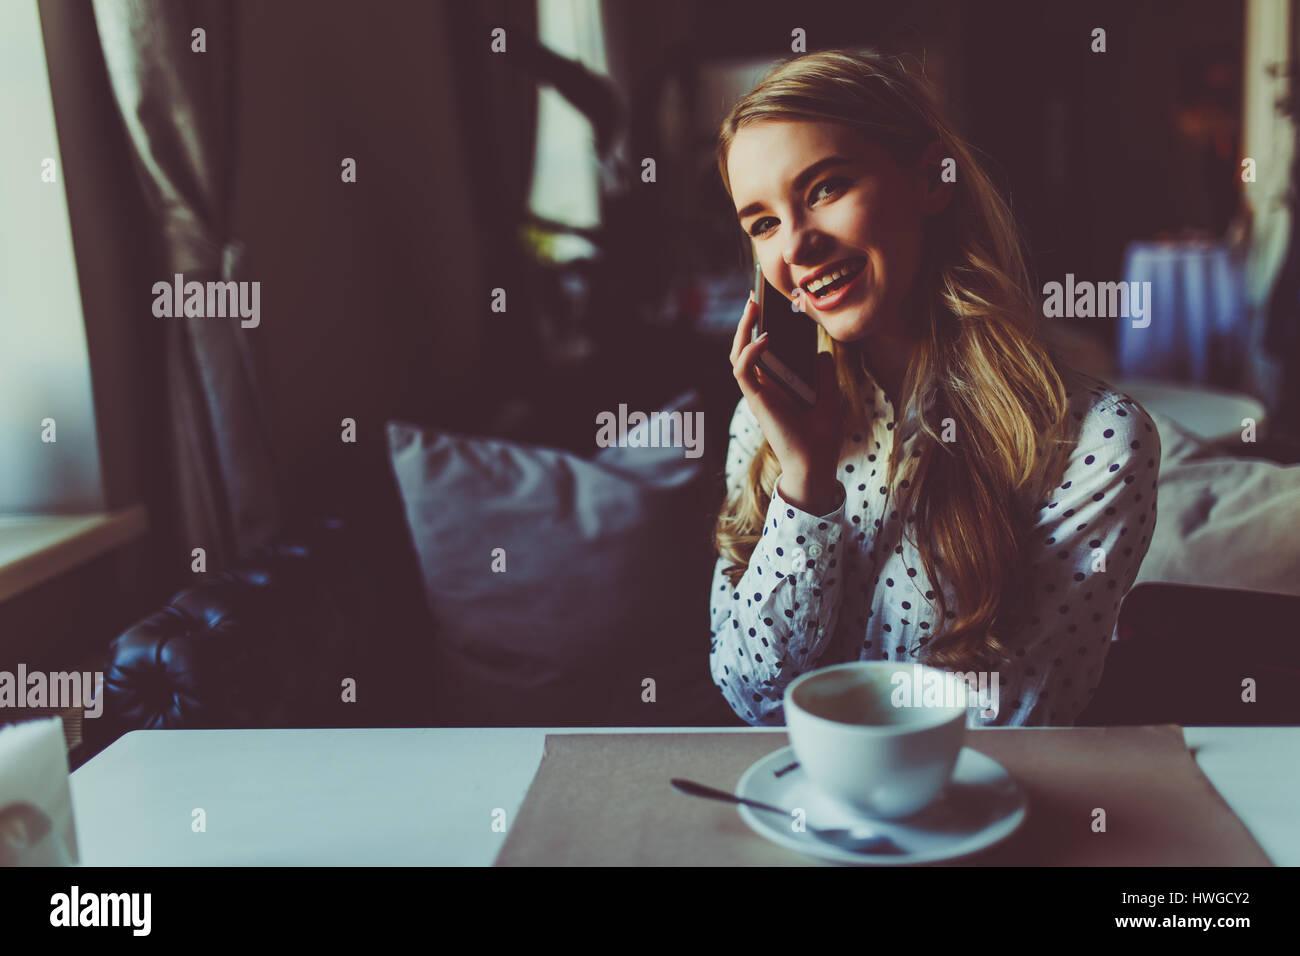 glückliche Frau im Gespräch mit Mobiltelefon beim Sitzen im Café beim Frühstück am Morgen Stockfoto